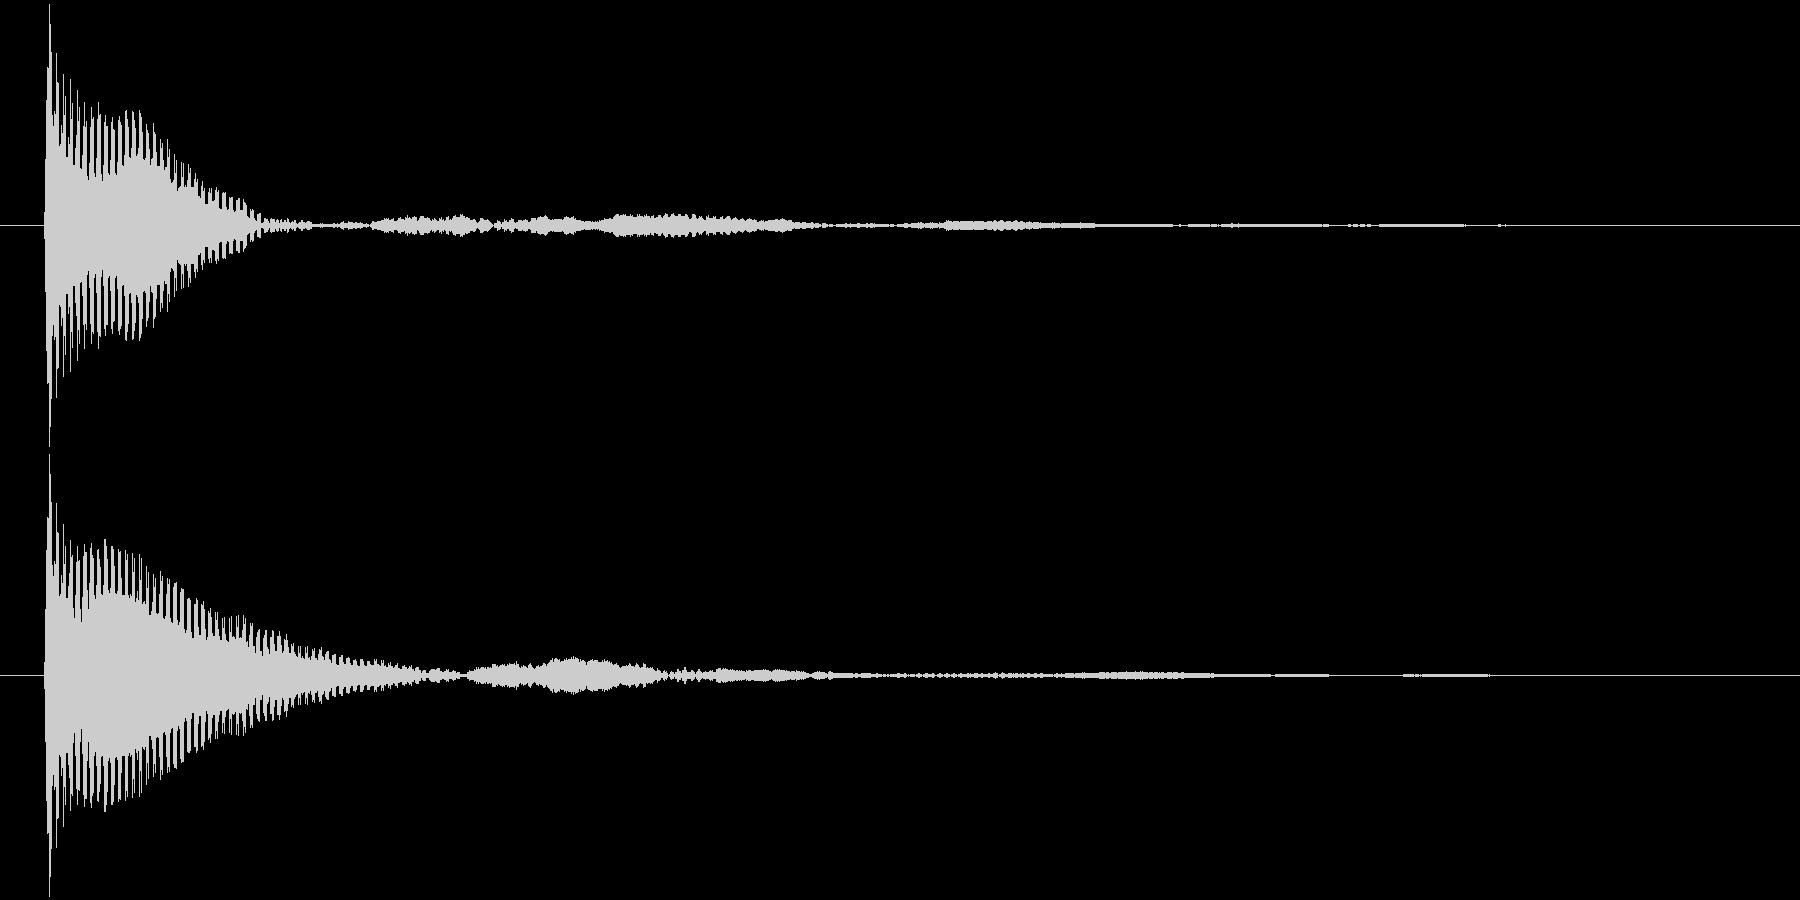 ポン カーソル音 タップ音 A-10_の未再生の波形